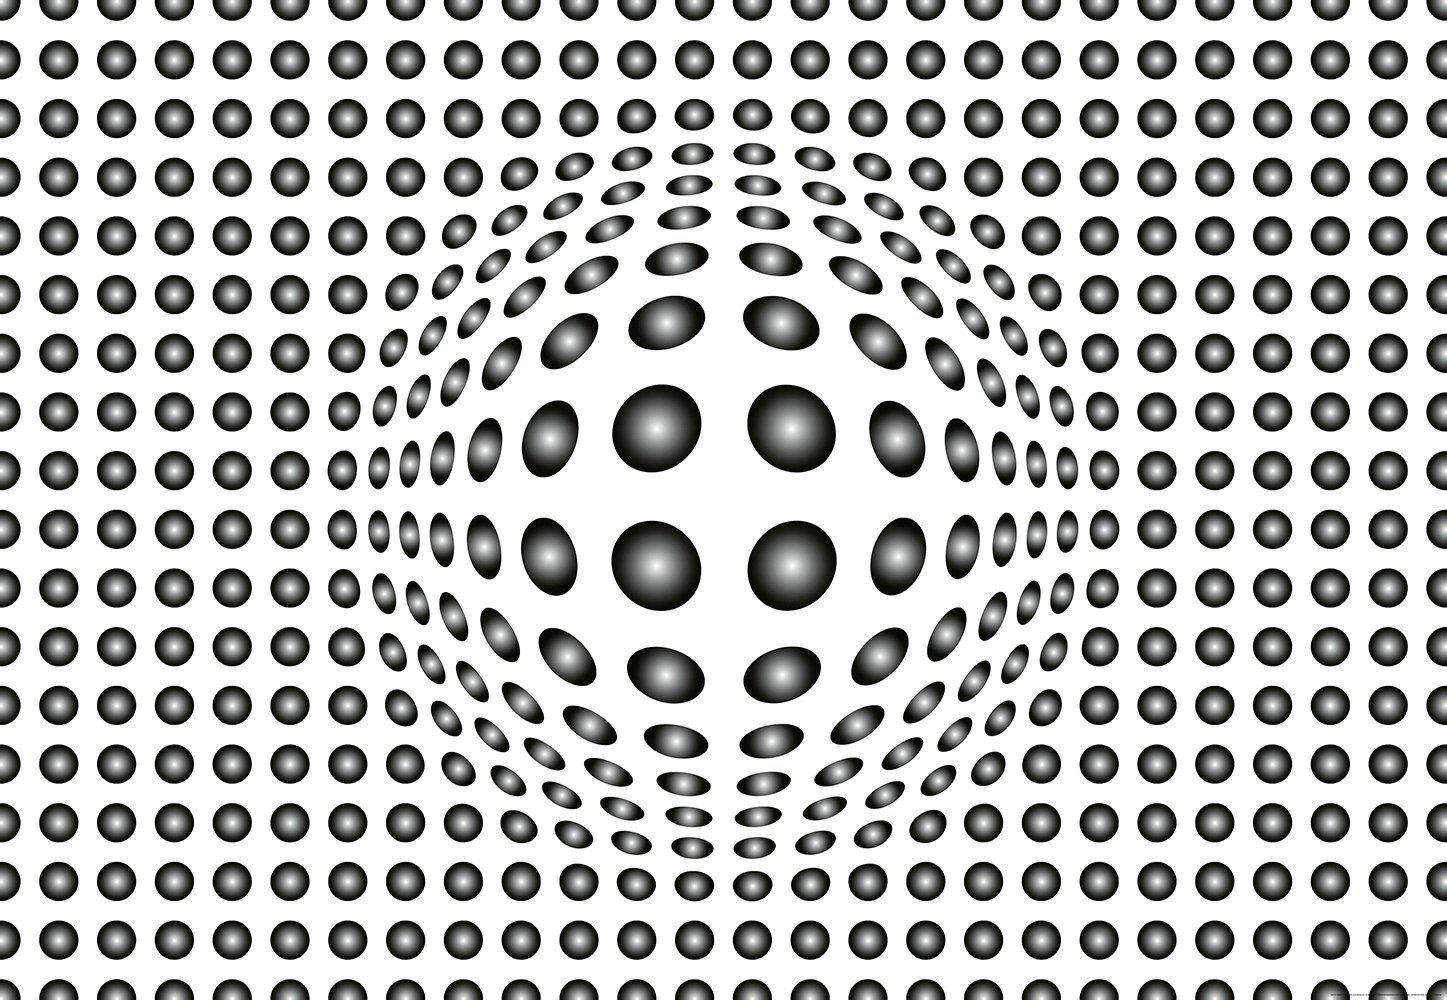 IDEALDECOR Fototapete »Punkte schwarzweiß«, Vlies, 4 Bahnen, 368 x 254 cm